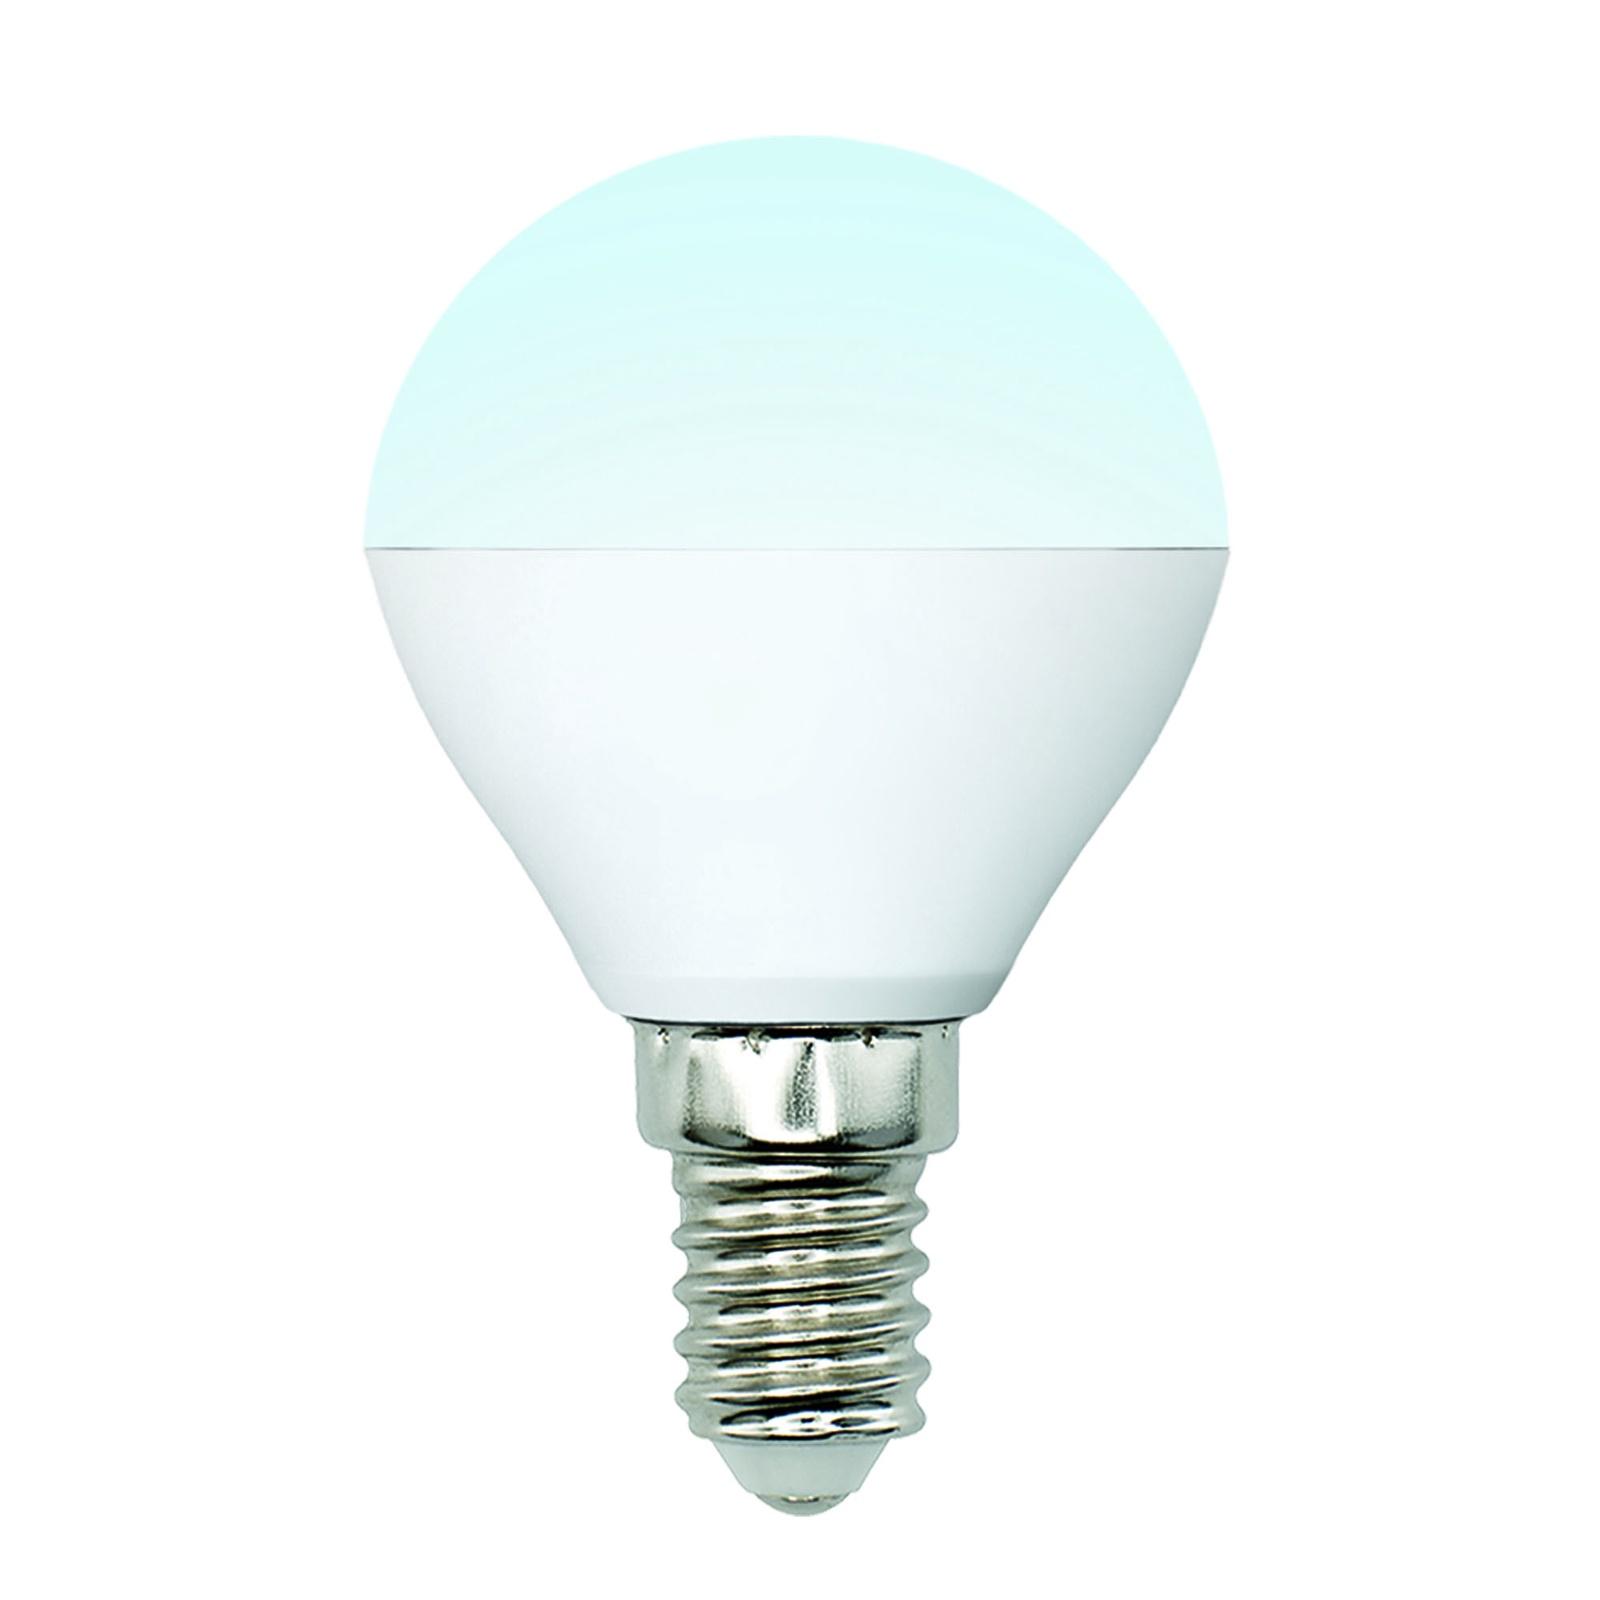 Лампочка Uniel LED-G45-6W/NW/E14/FR/MB 4000K, Нейтральный свет 6 Вт, Светодиодная